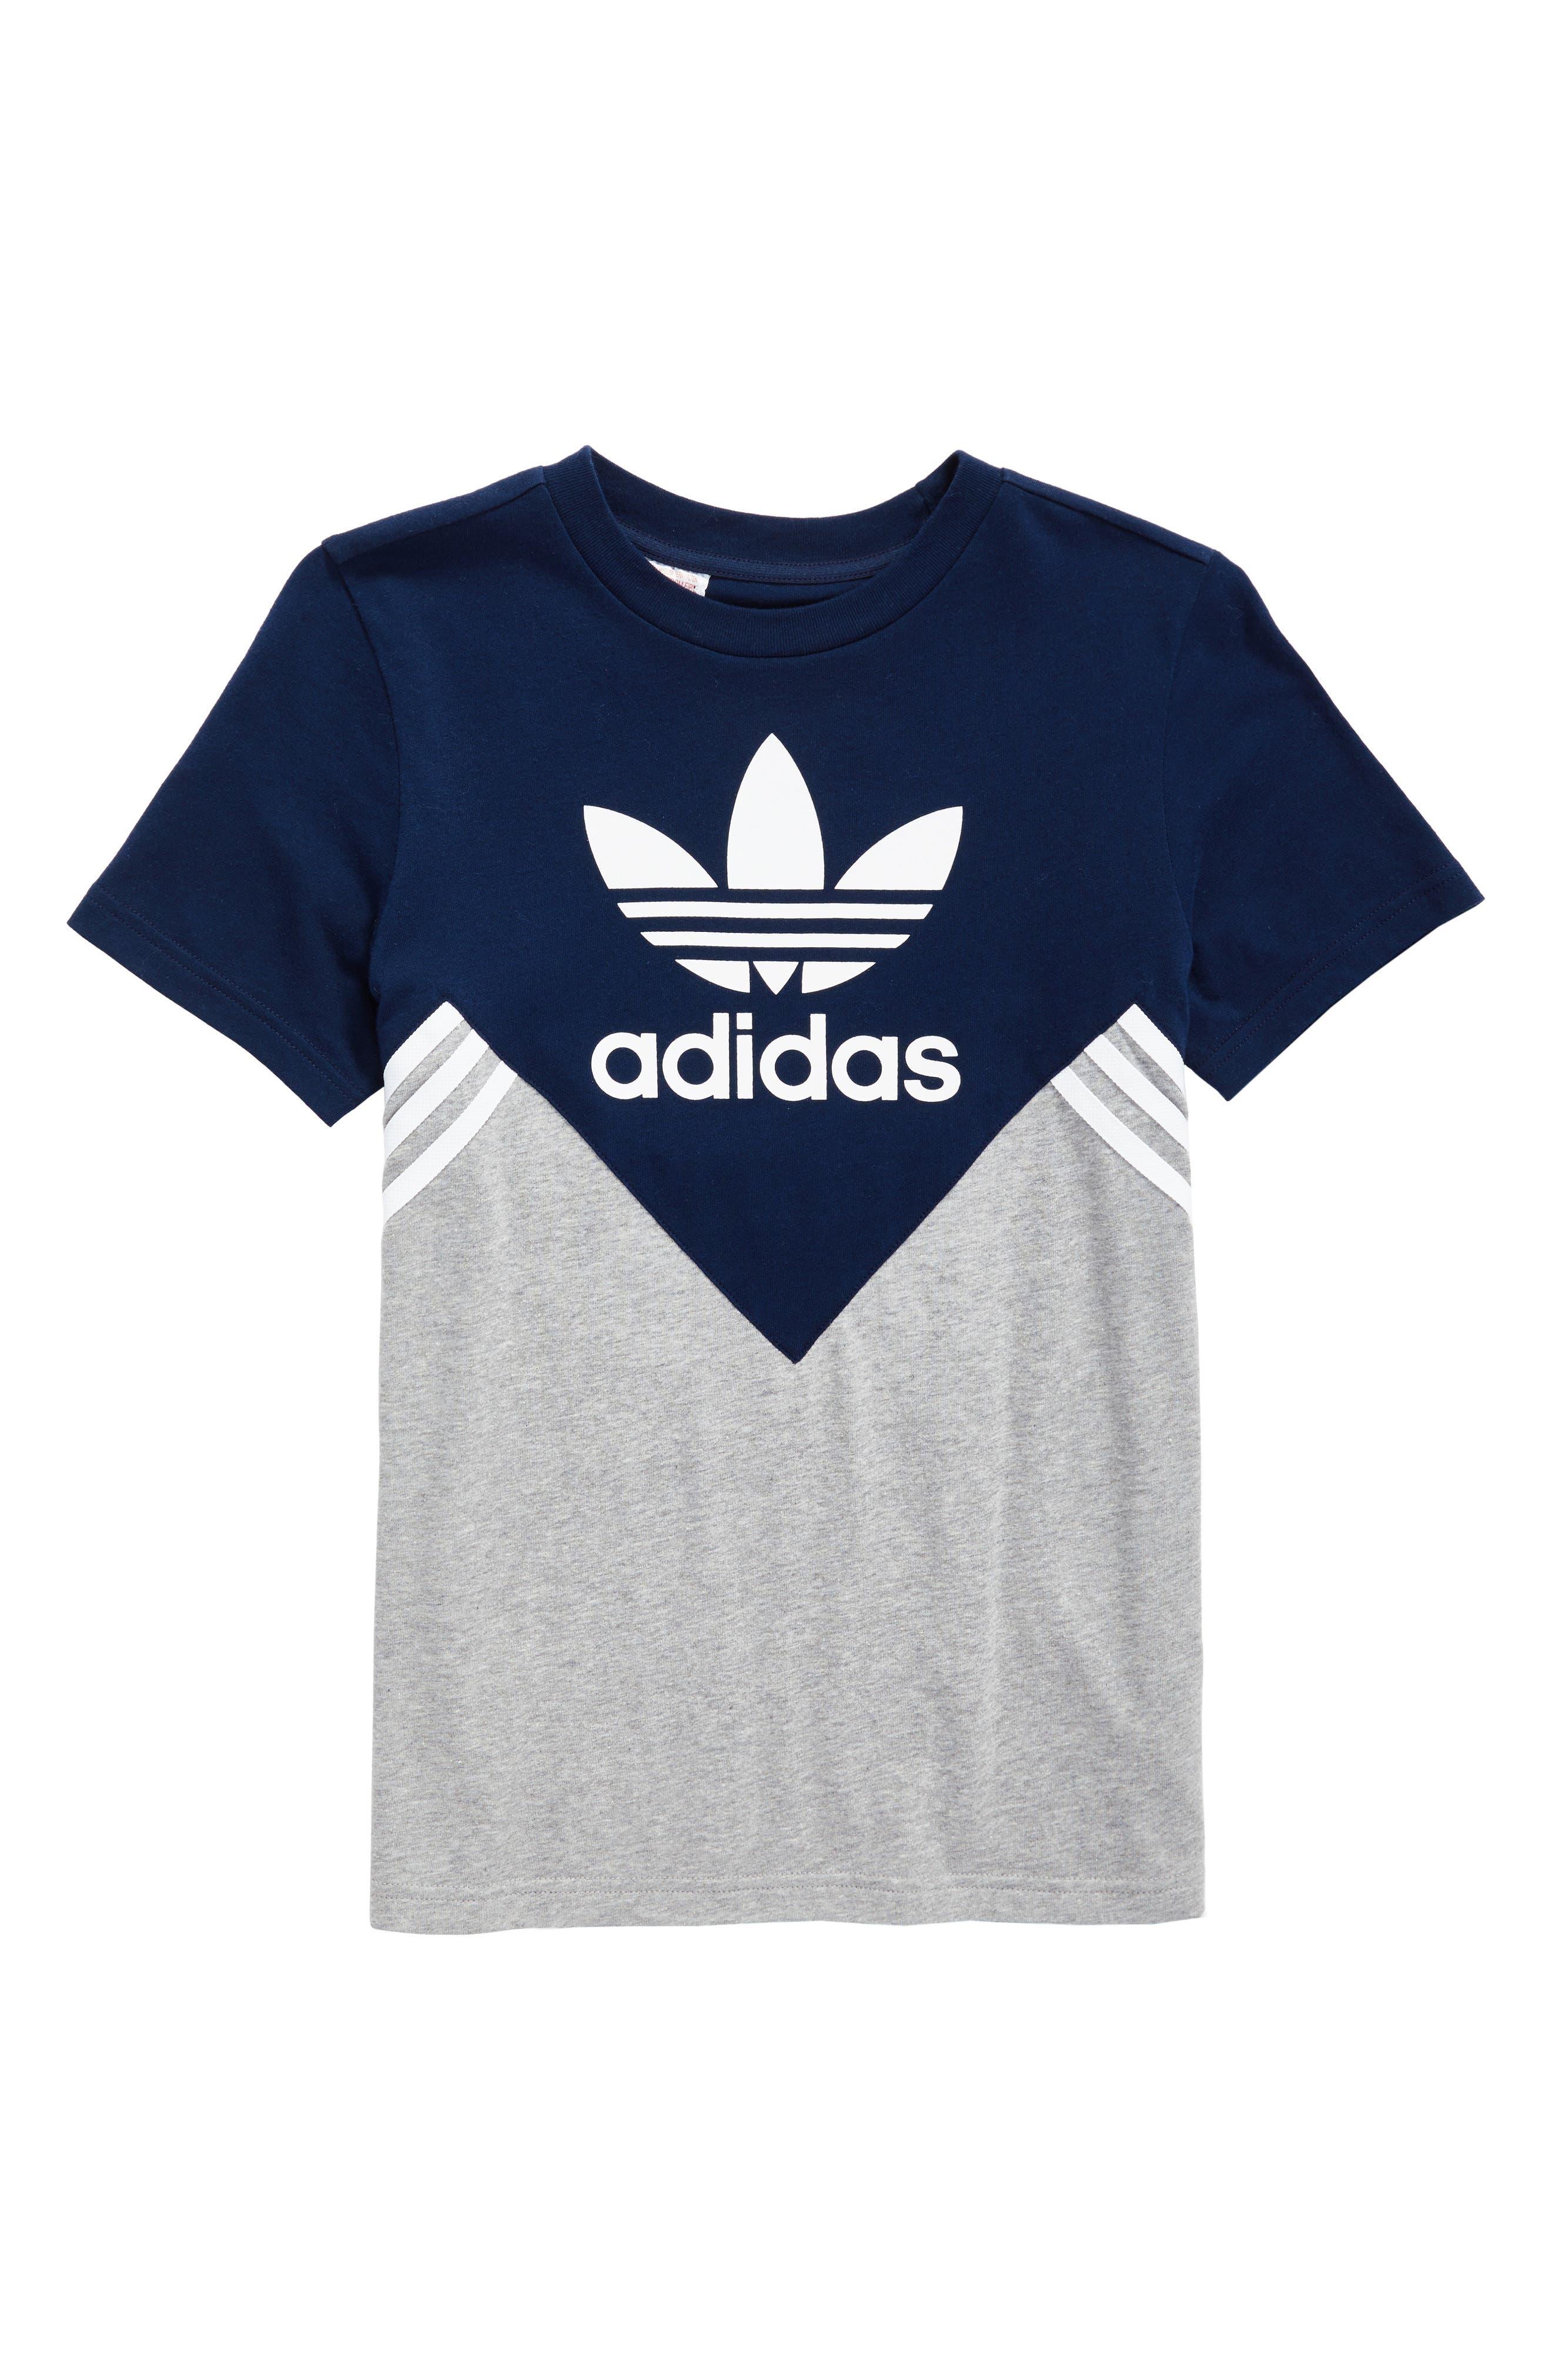 adidas FL Logo Graphic T-Shirt,                             Main thumbnail 1, color,                             415